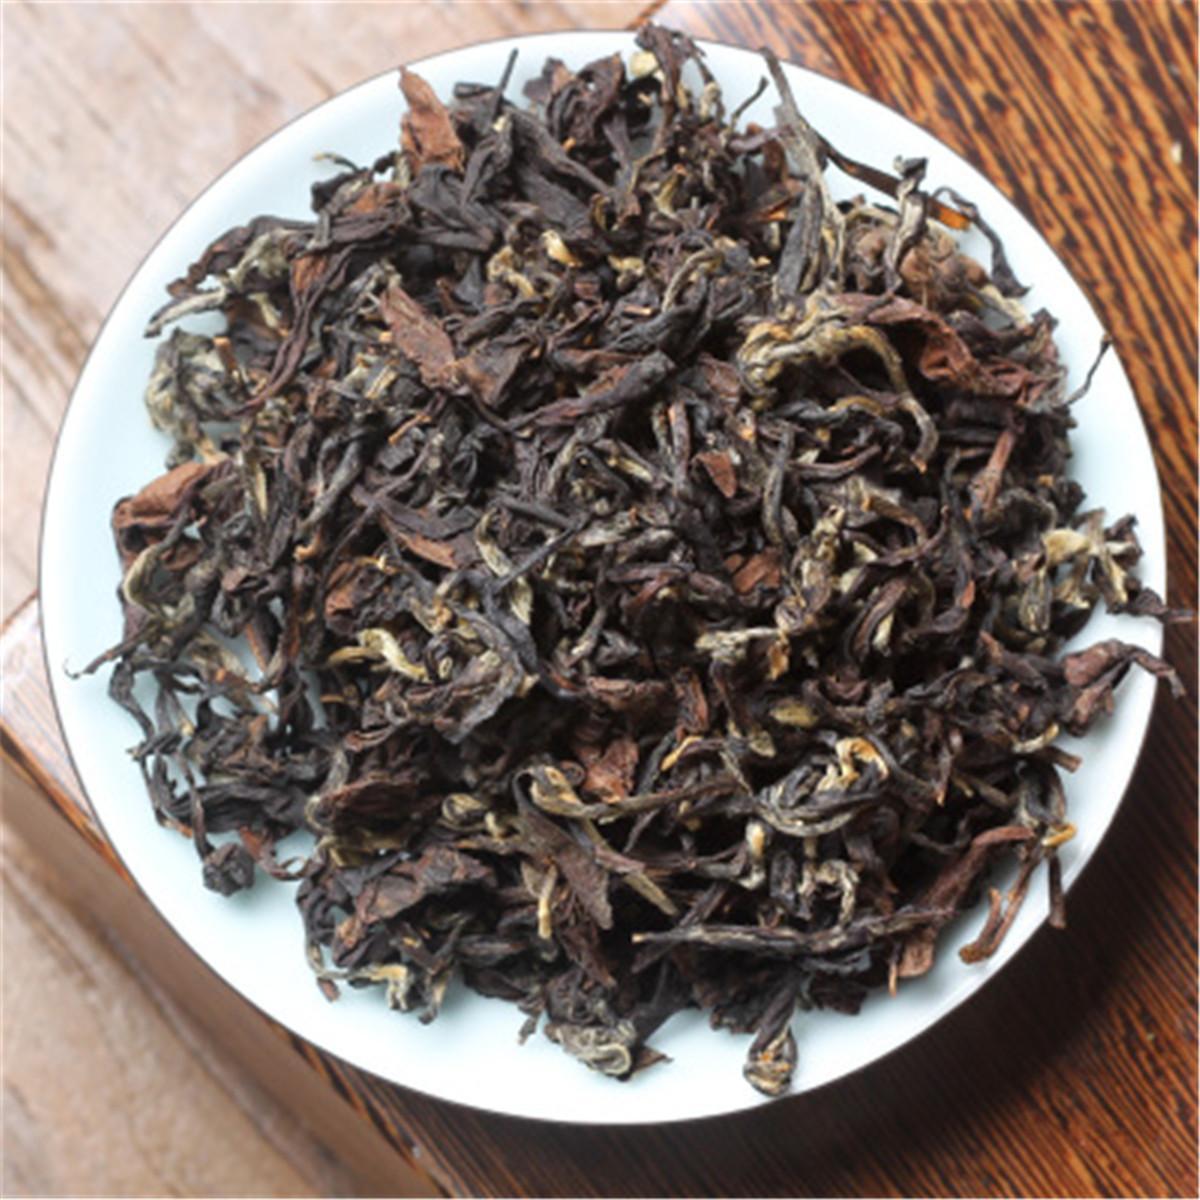 Sıcak Satış Çin Organik Oolong Çay Prim Güzellik Oolong Tayvan Baihao Oolong Yeşil Çay Sağlık Yeni Bahar Çay Yeşil Gıda